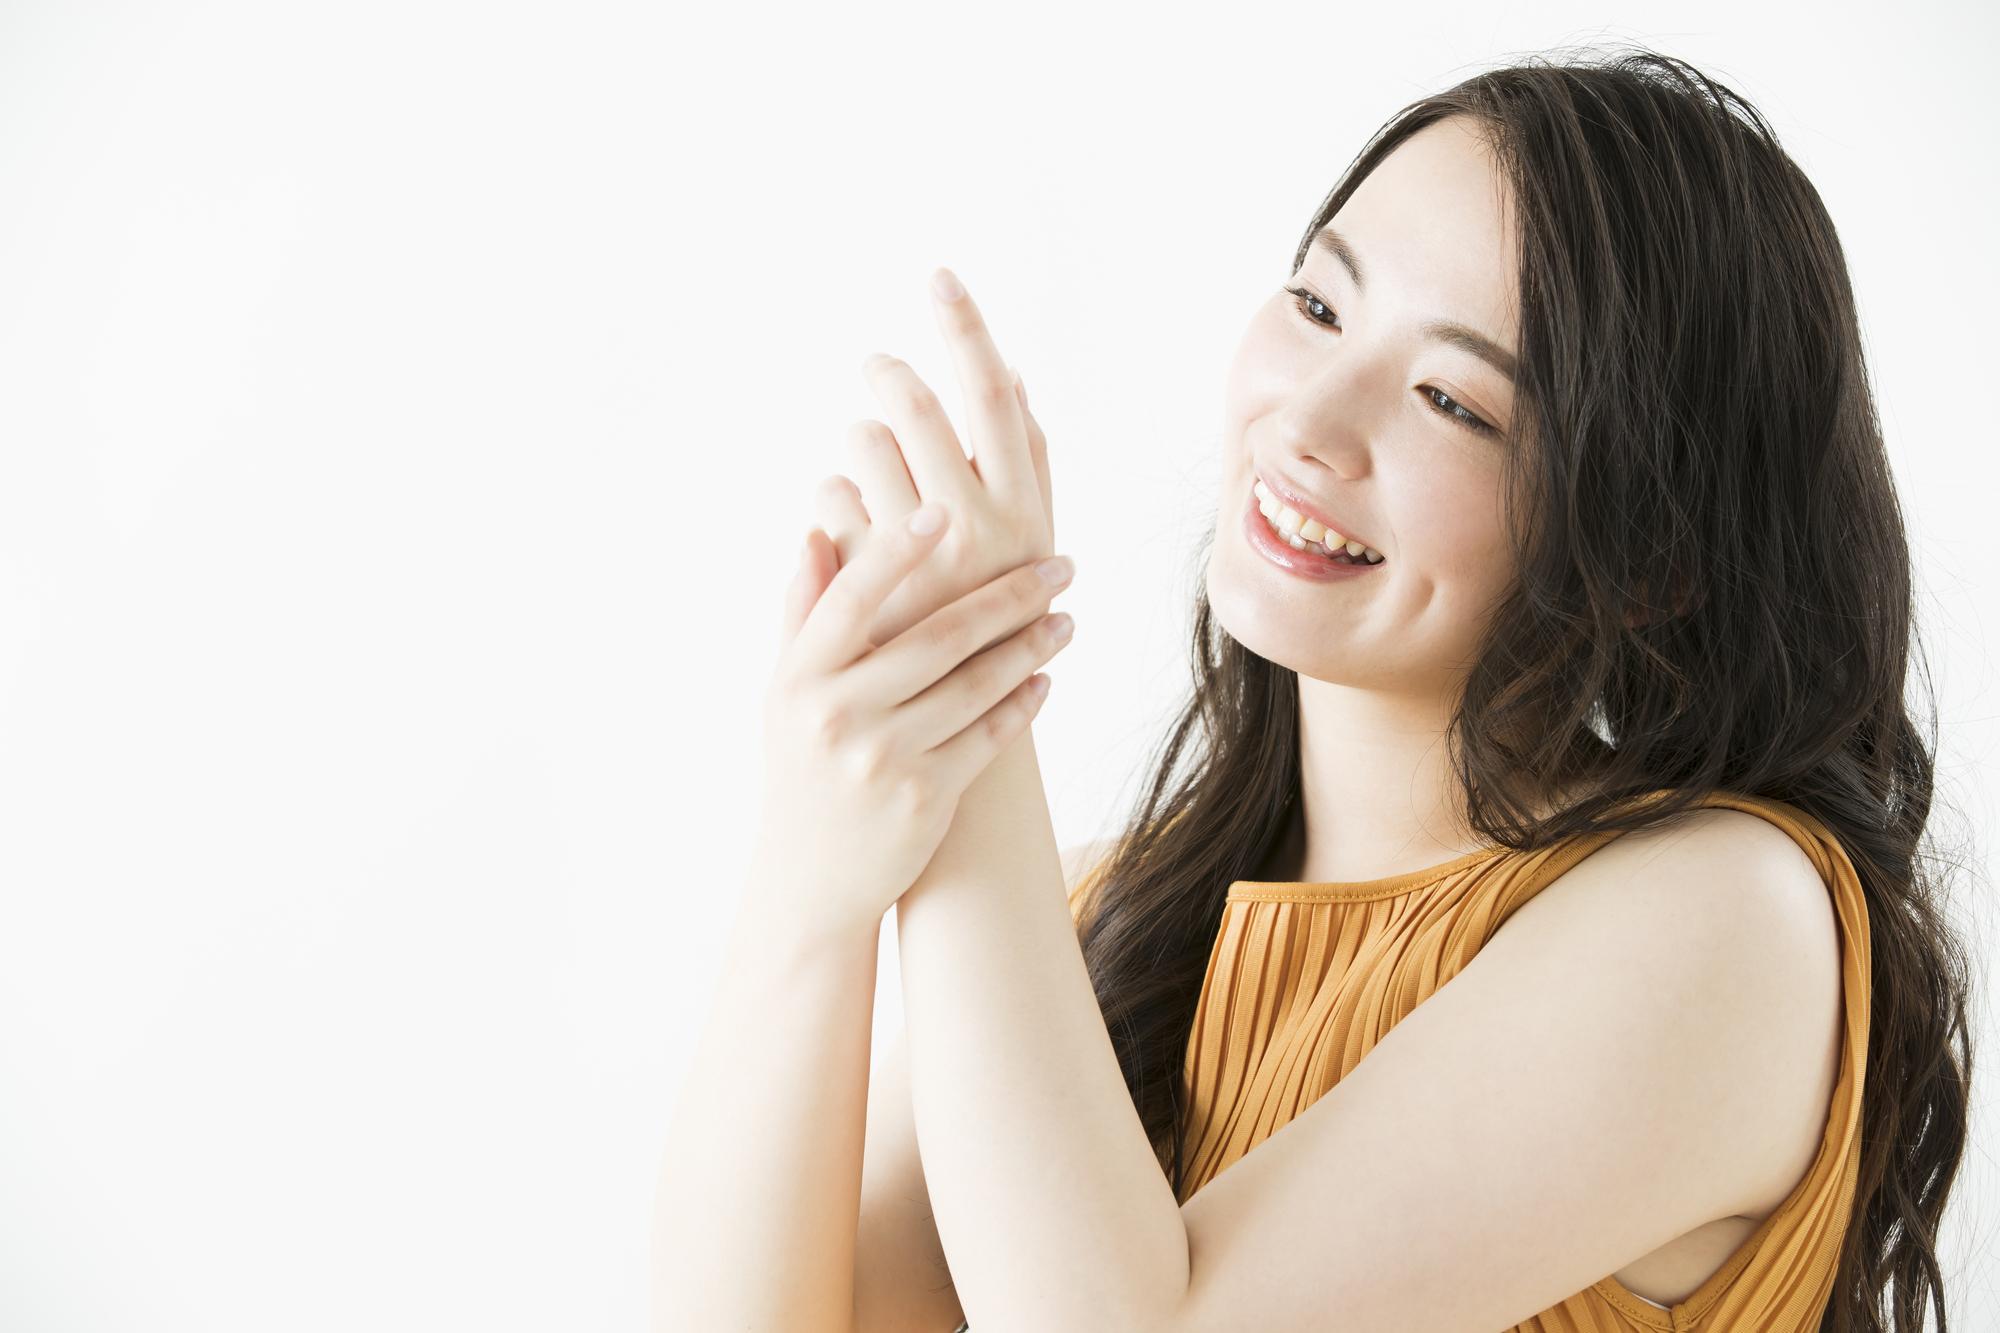 手をマッサージする女性